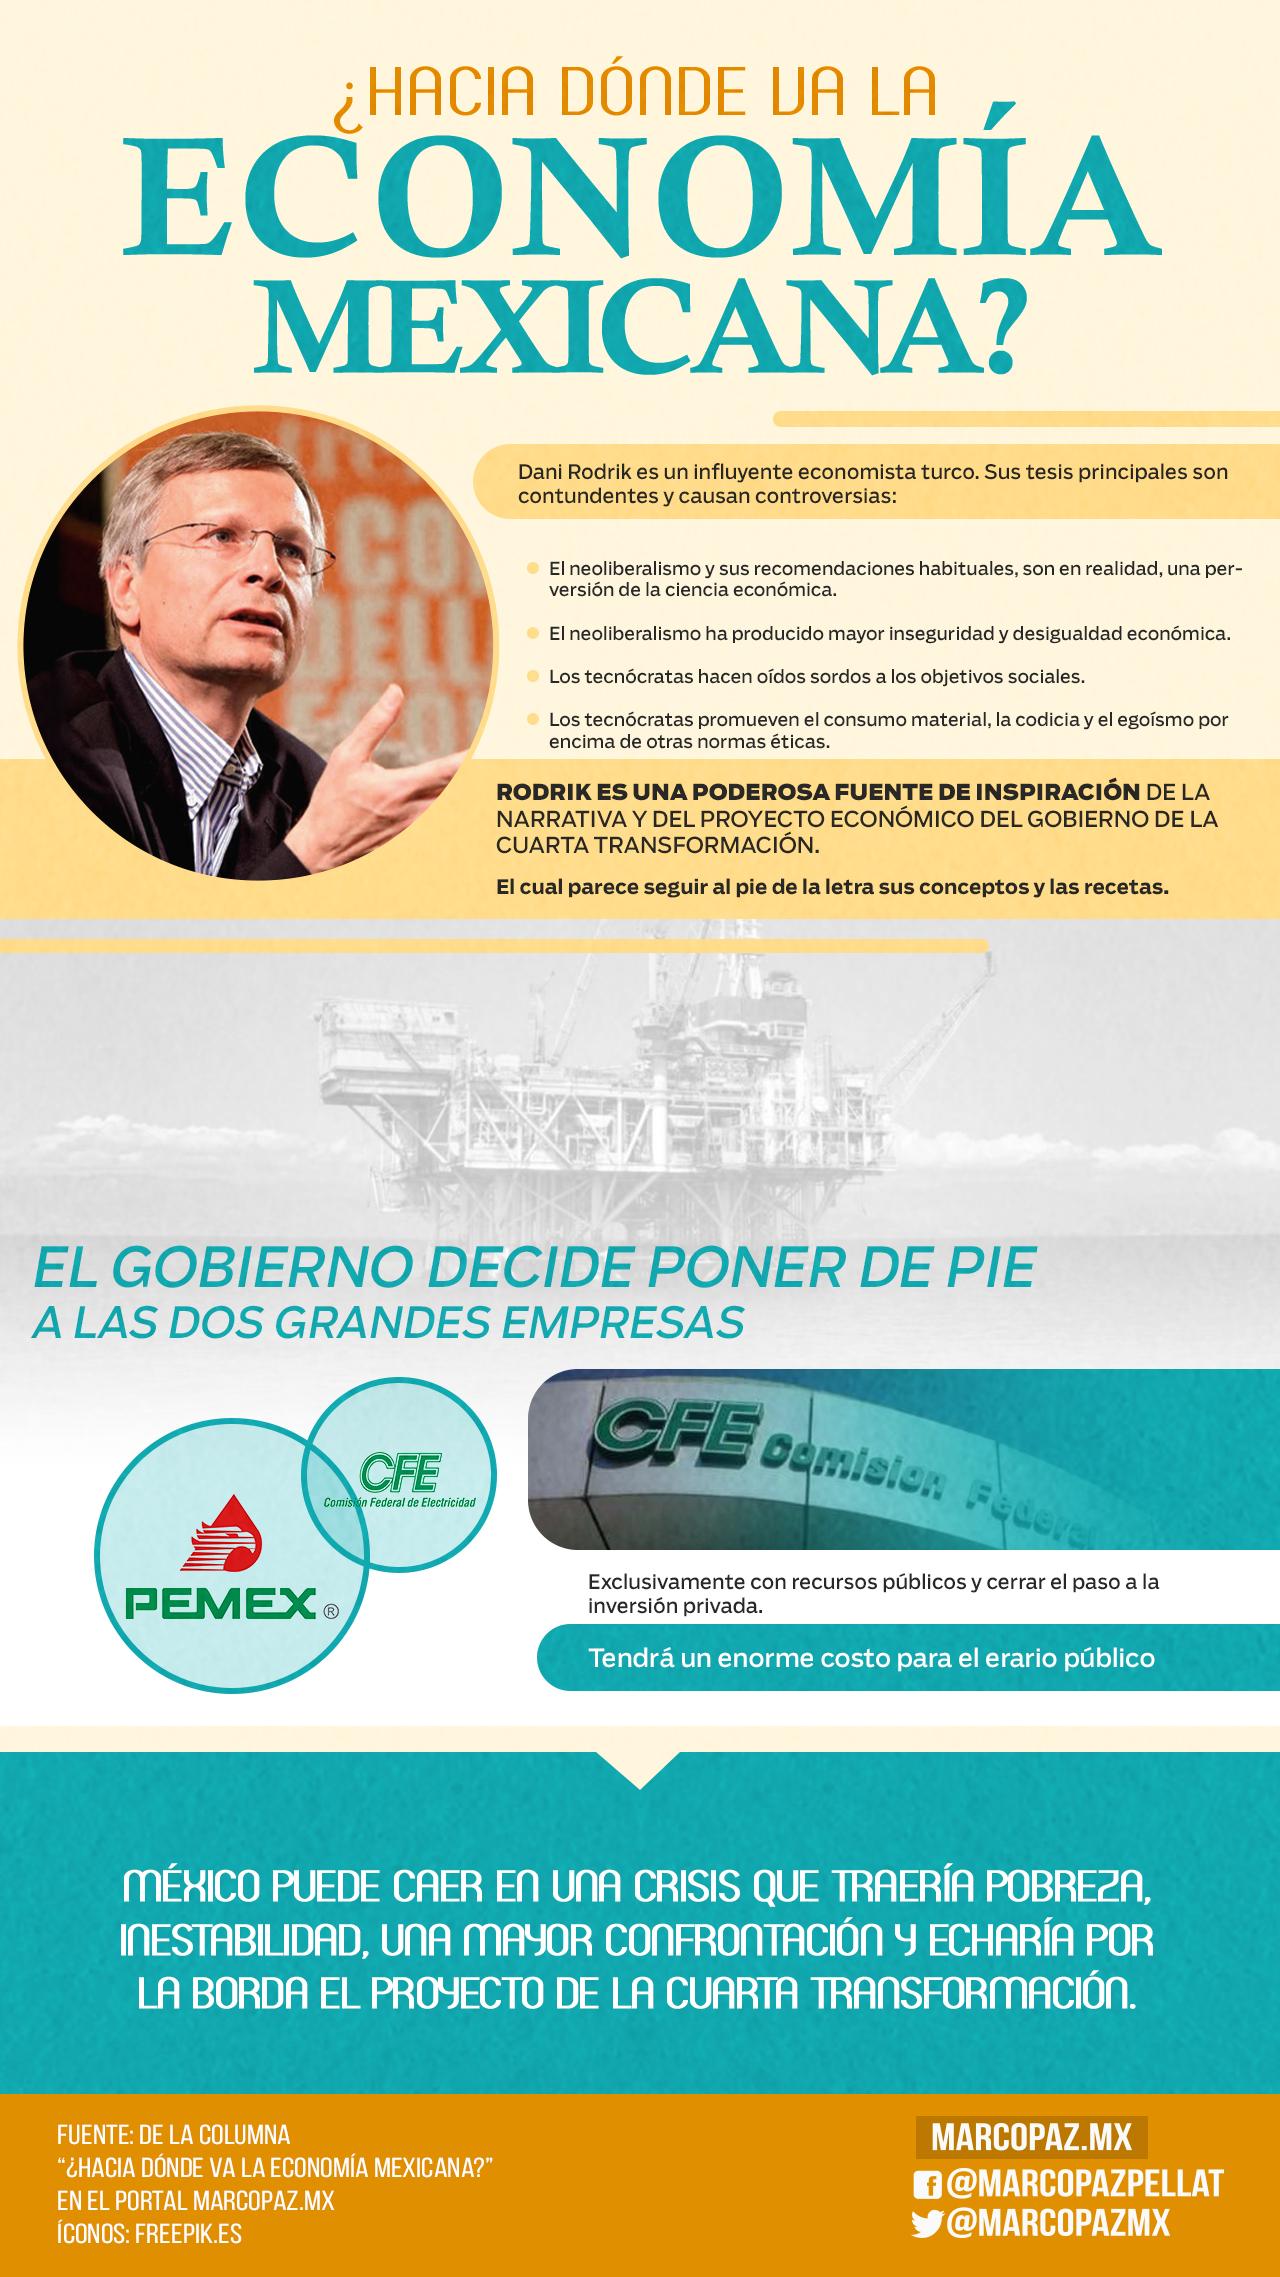 102_INFOGRAFIA_ ¿Hacia dónde va la economía mexicana? copy